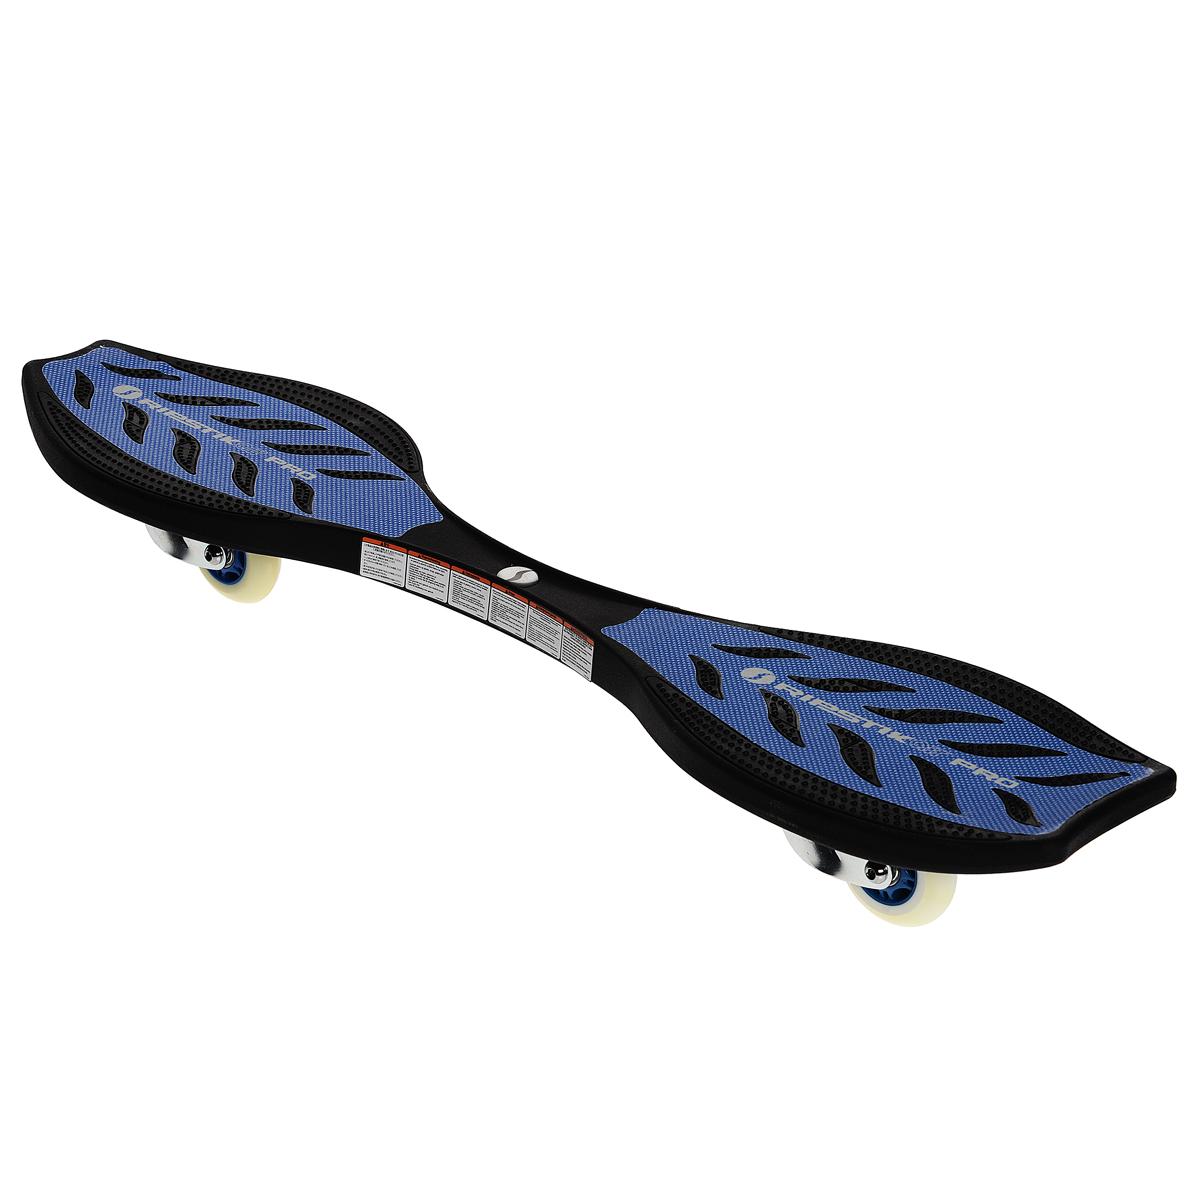 Скейтборд Ripstik Air Pro, двухколесный, цвет: синий2436Балансирующий скейтборд Ripstik Air Pro с двумя колесами - отличный выбор для опытных скейтбордистов, а также людей, любящих активно проводить время. Колеса скейтборда выполнены из прочного полиуретана и вращаются на 360°. В последнее время экстремальные виды спорта, такие как катание на скейтборде, становятся очень популярными. Скейтбординг - это зрелищный и экстремальный вид спорта, представляющий собой катание на роликовой доске с преодолением препятствий и выполнением различных трюков.